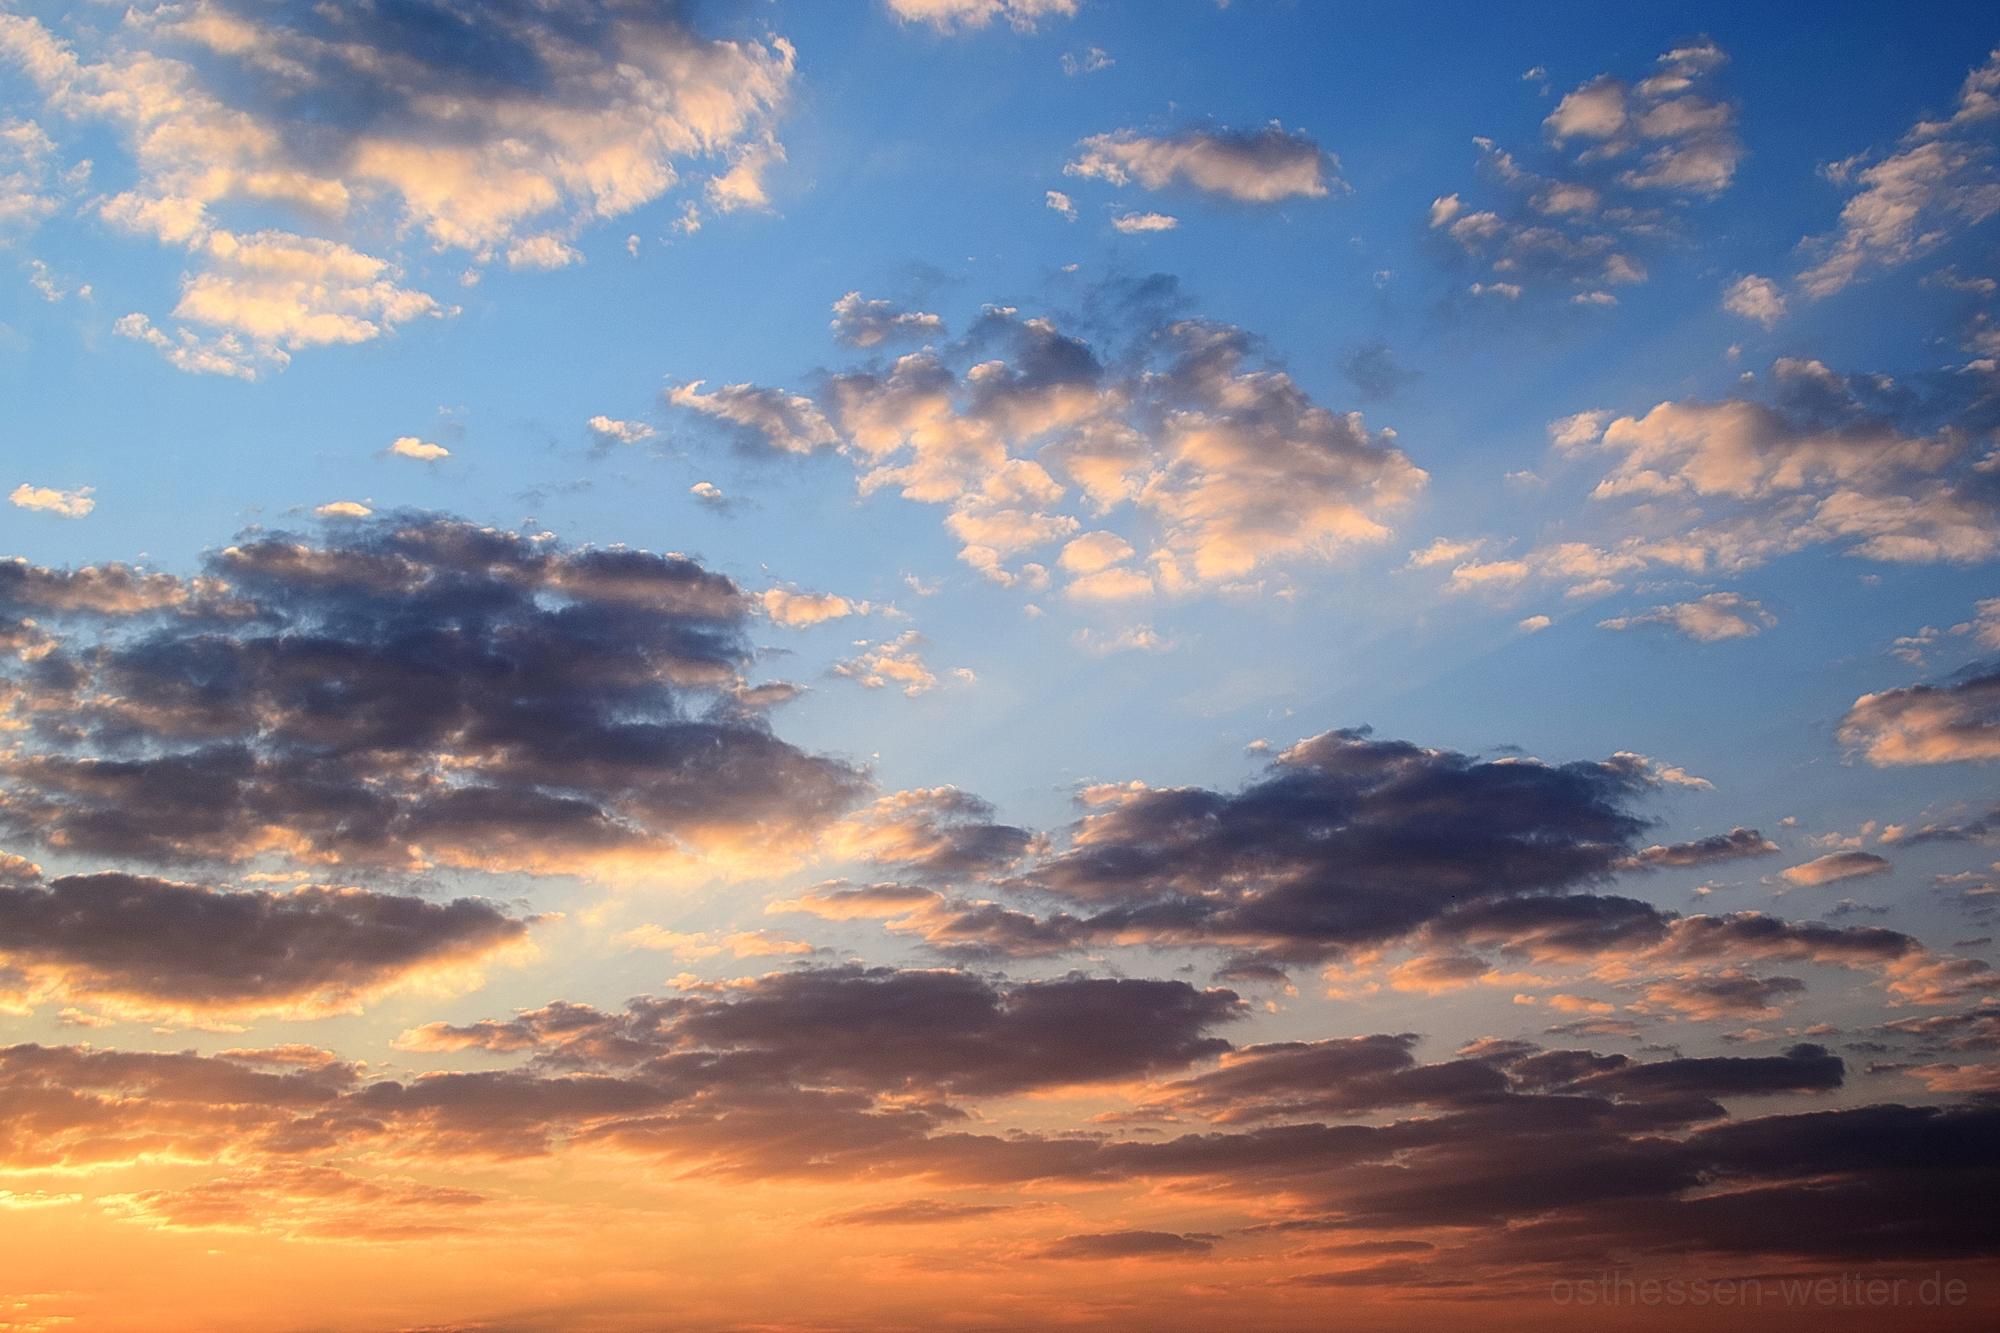 Sonnenaufgang am 09.04.2020 um 06:55:57 CEST